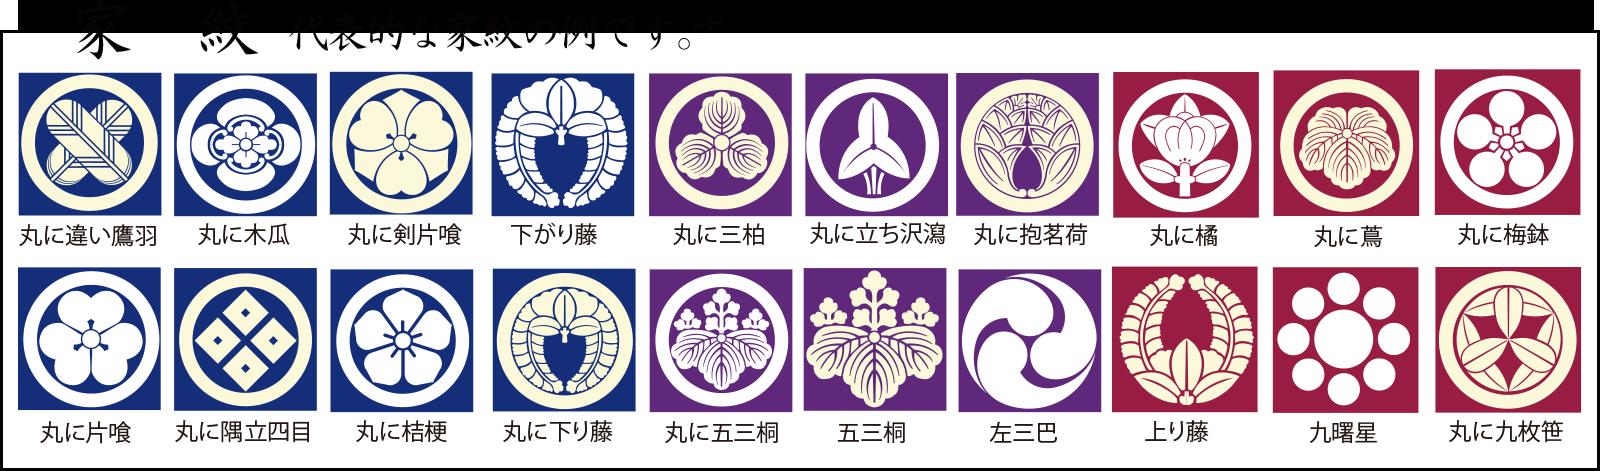 代表的な家紋